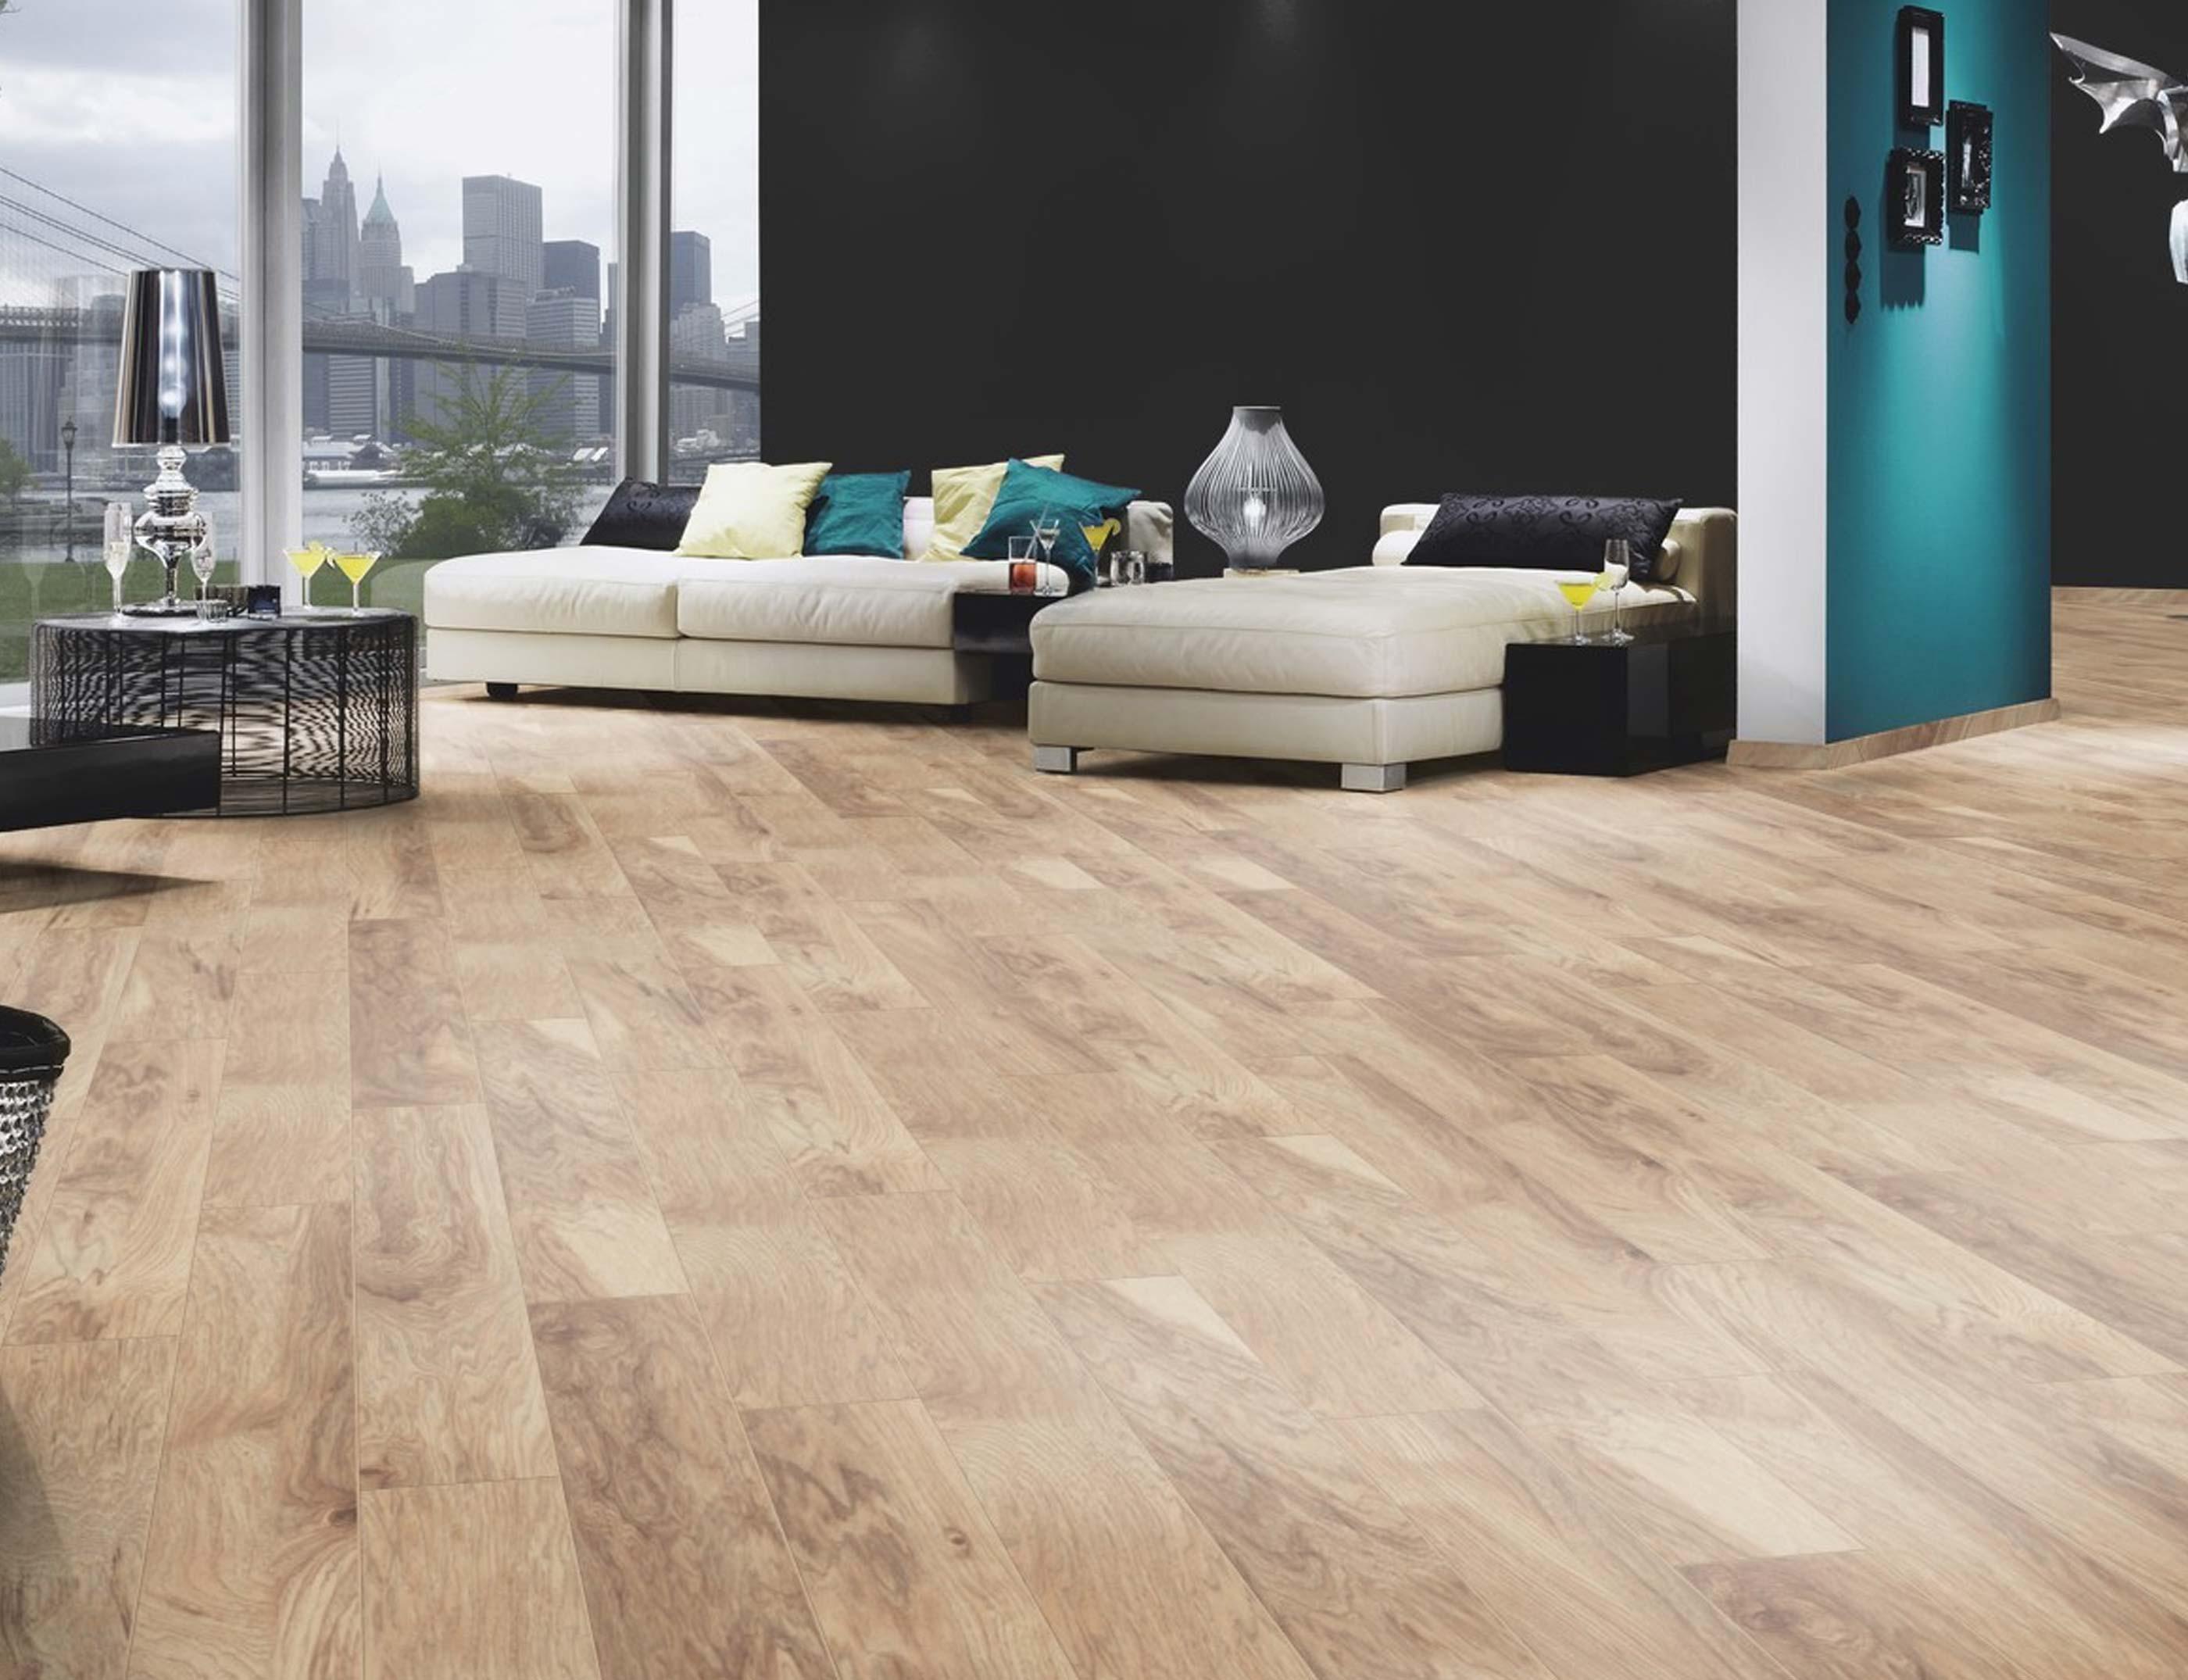 Olie houten vloer better houten vloer schoonmaken houten vloer in